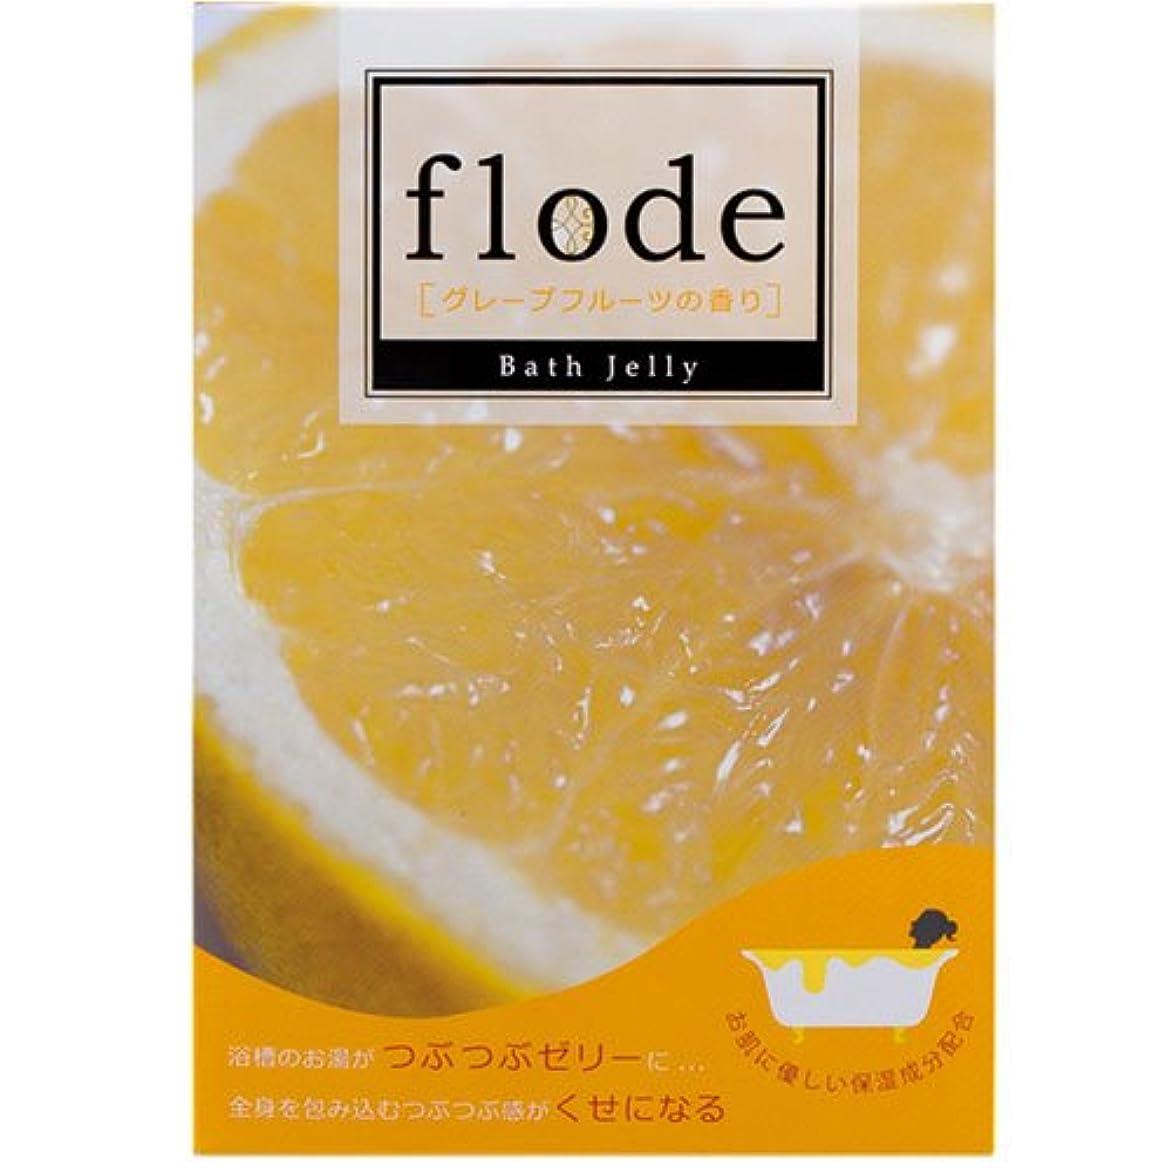 初期意味のある王朝【フローデ バスゼリー グレープフルーツの香り】